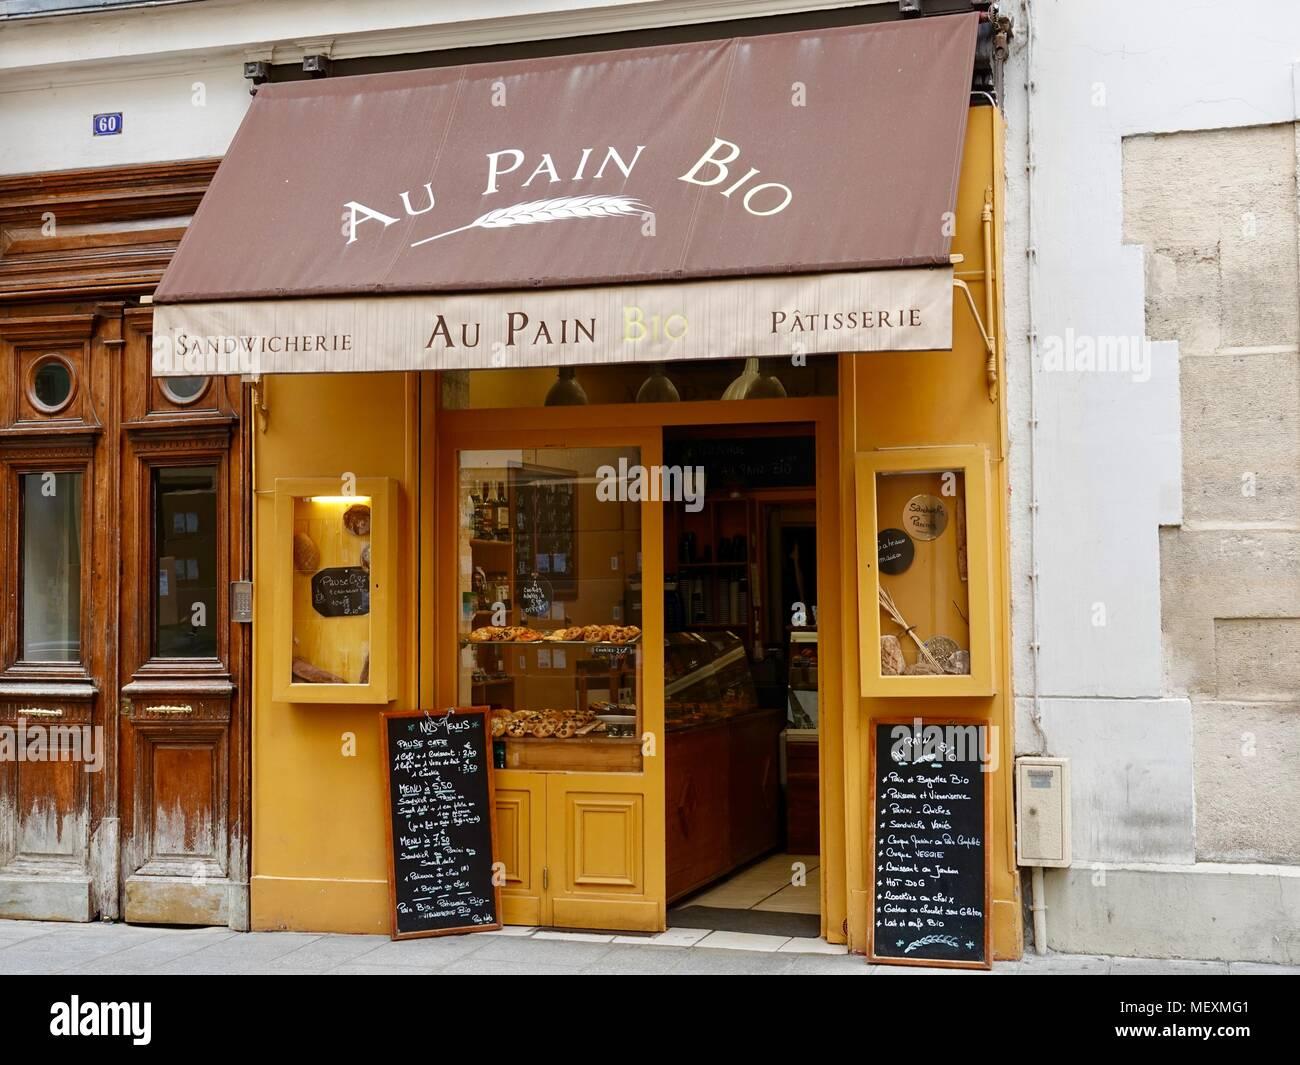 Au Pain Bio, bakery on the Ile Saint-Louis, Paris, France. - Stock Image